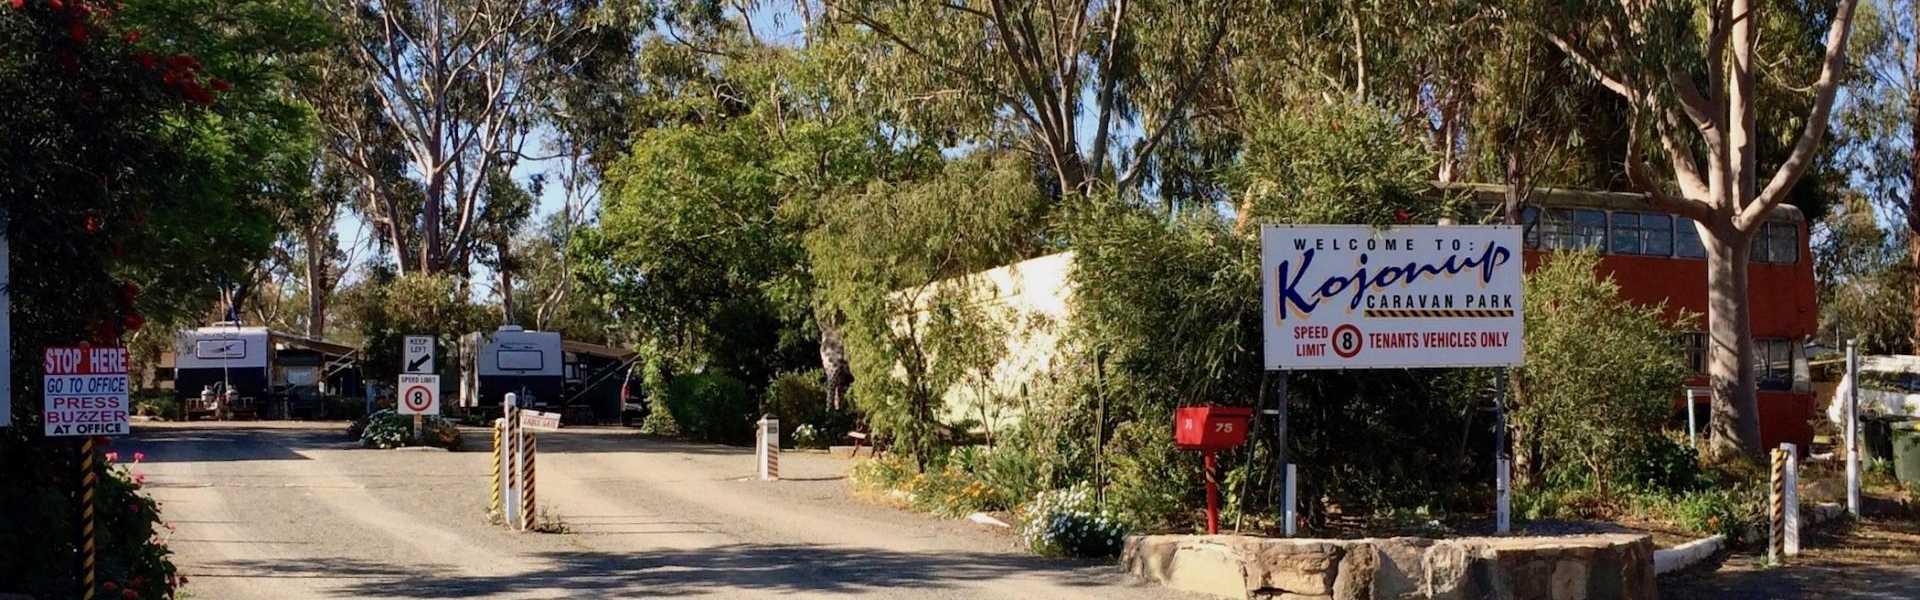 Kui Parks, Kojonup Caravan Park, Entrance